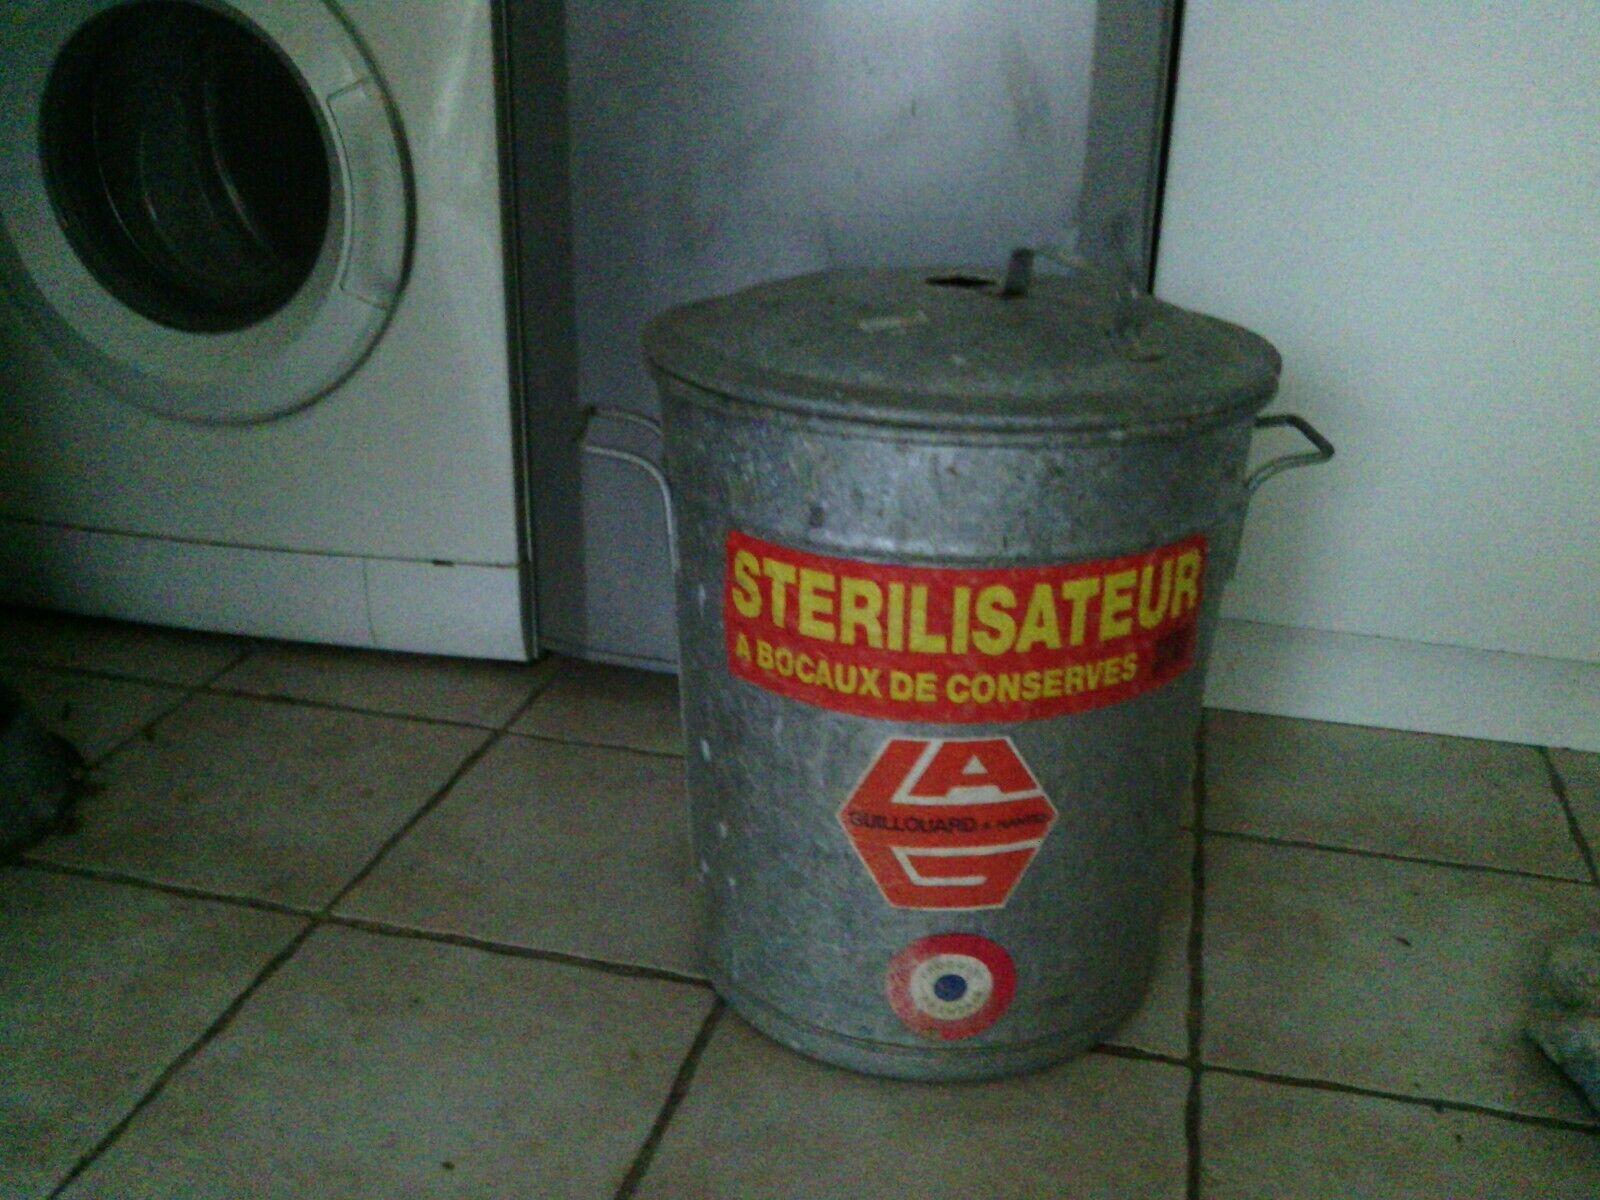 Grand sterilisateur a bocaux pour  conserves zinc